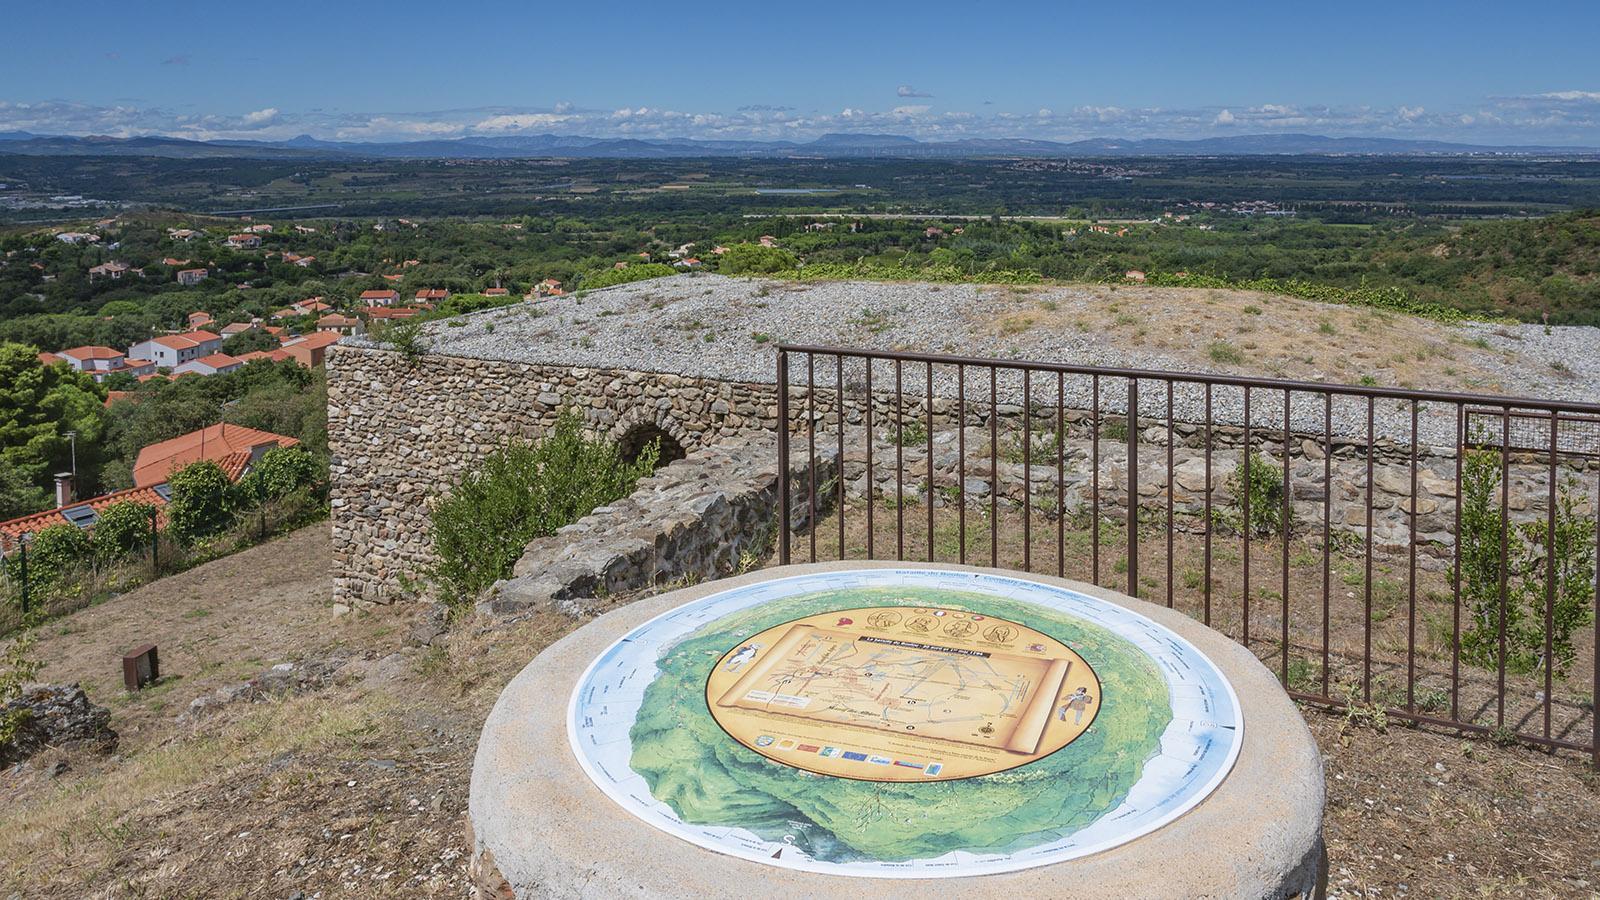 Beim Donjon verrät eine Infotafel, was der 360-Grad-Blick alles zeigt. Foto: Hilke Maunder